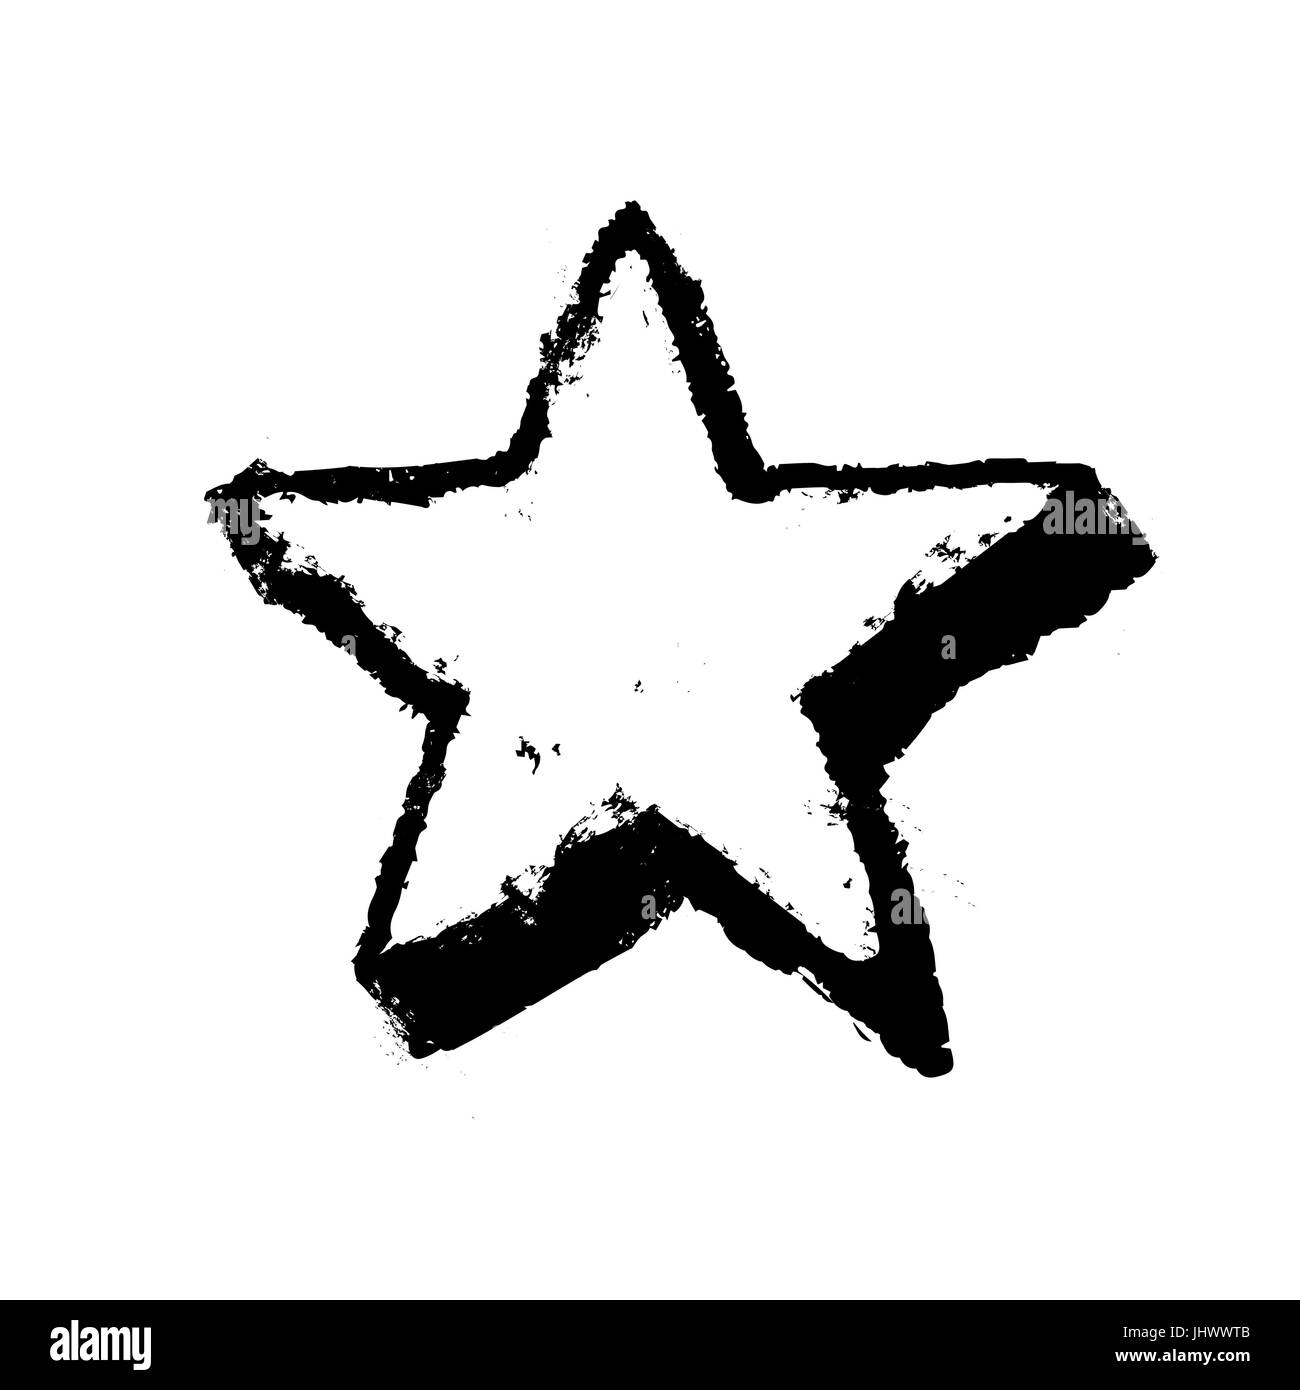 Fünfzackige Sterne Grunge-Symbol. Sterne-Vektor-Illustration ...